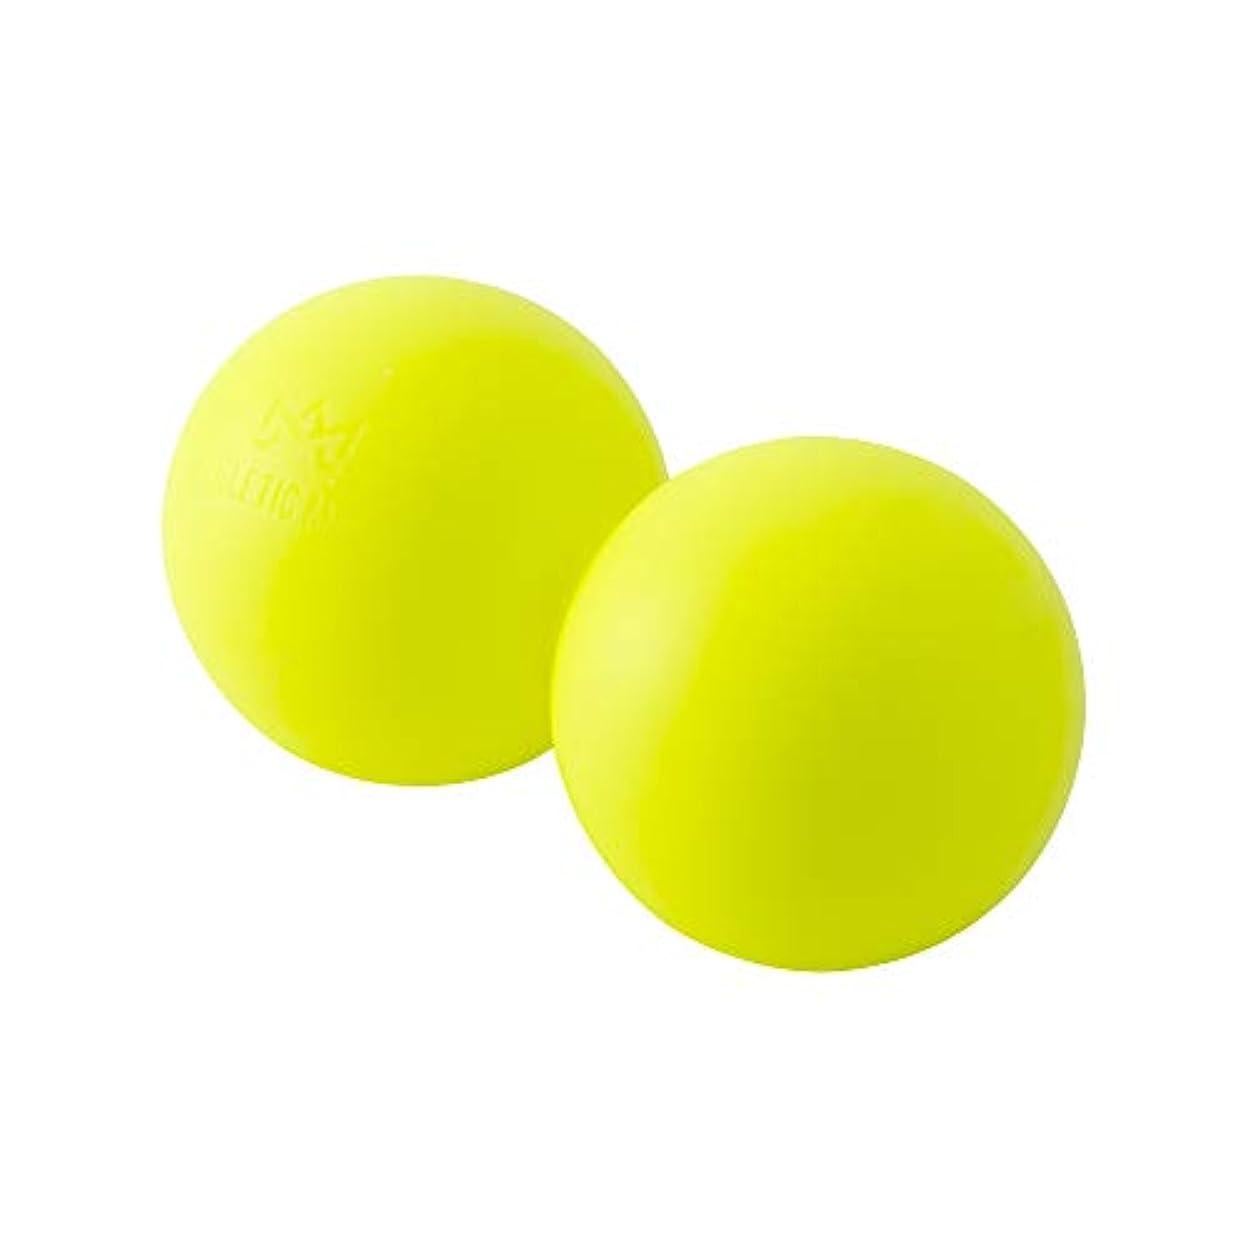 反対する上へ不変ATHLETIC MART ピーナッツ型ストレッチボール マッサージボール ラクロスボール2個サイズ ツボ押し (蛍光イエロー)